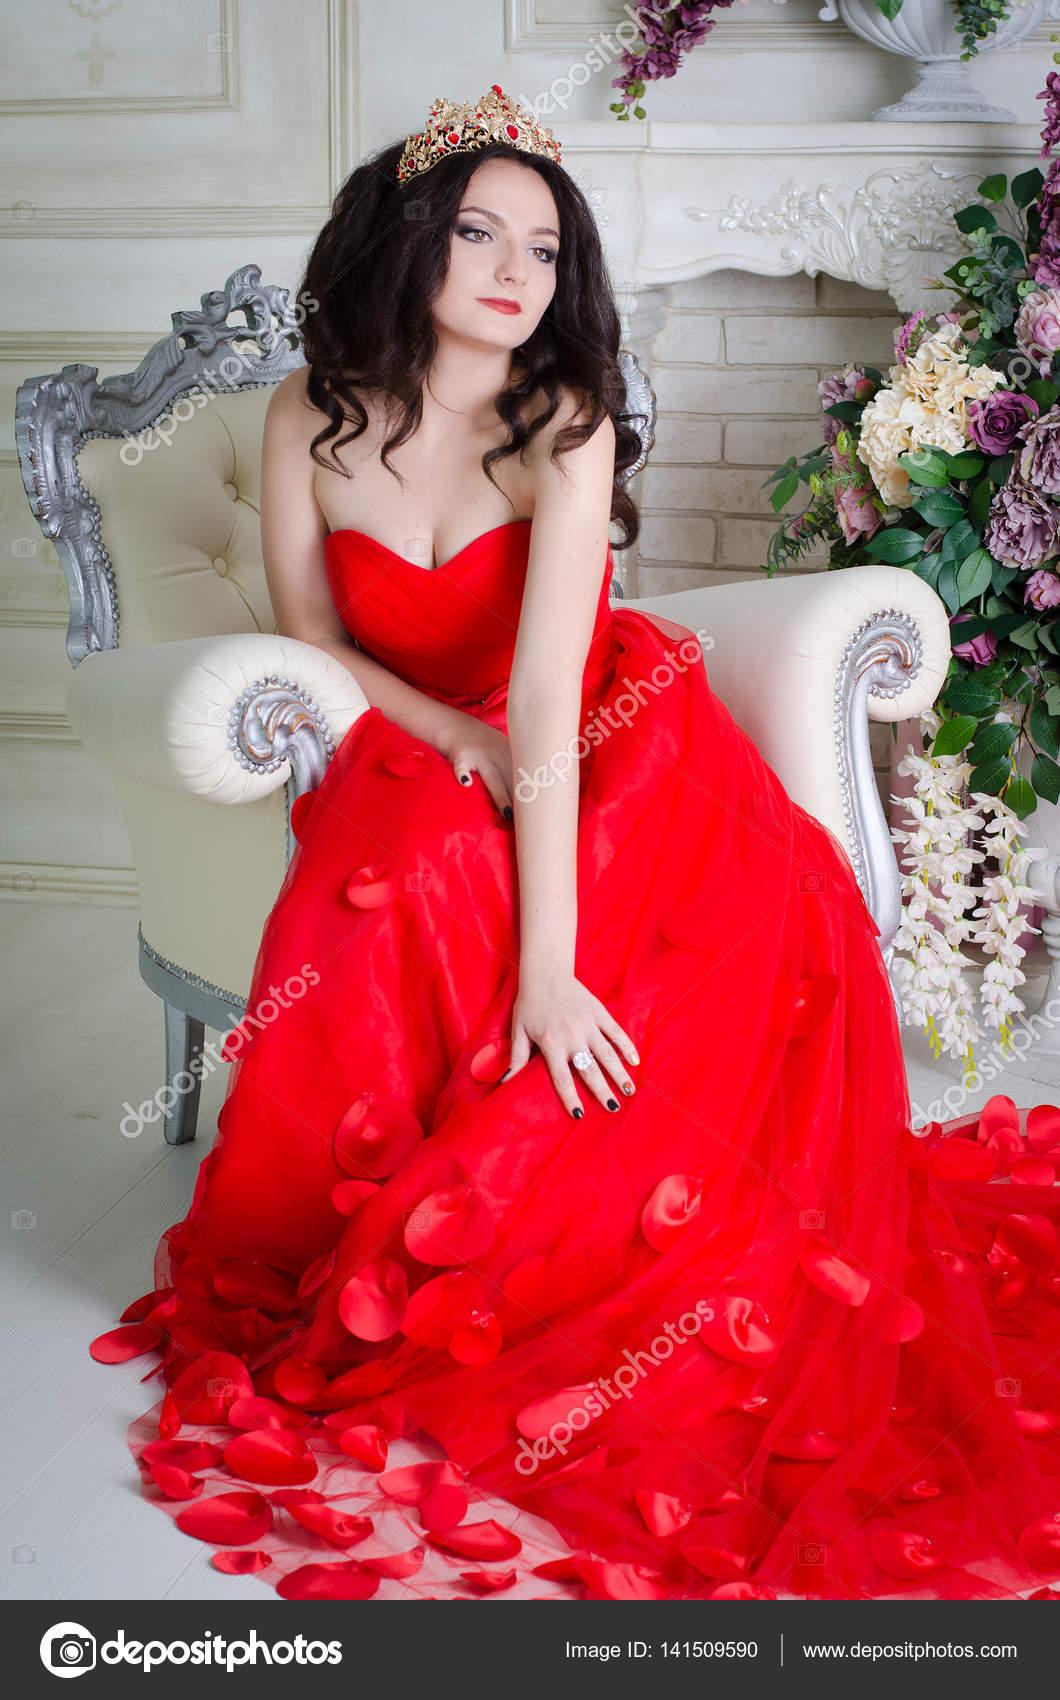 Caricatura de mujer con vestido rojo